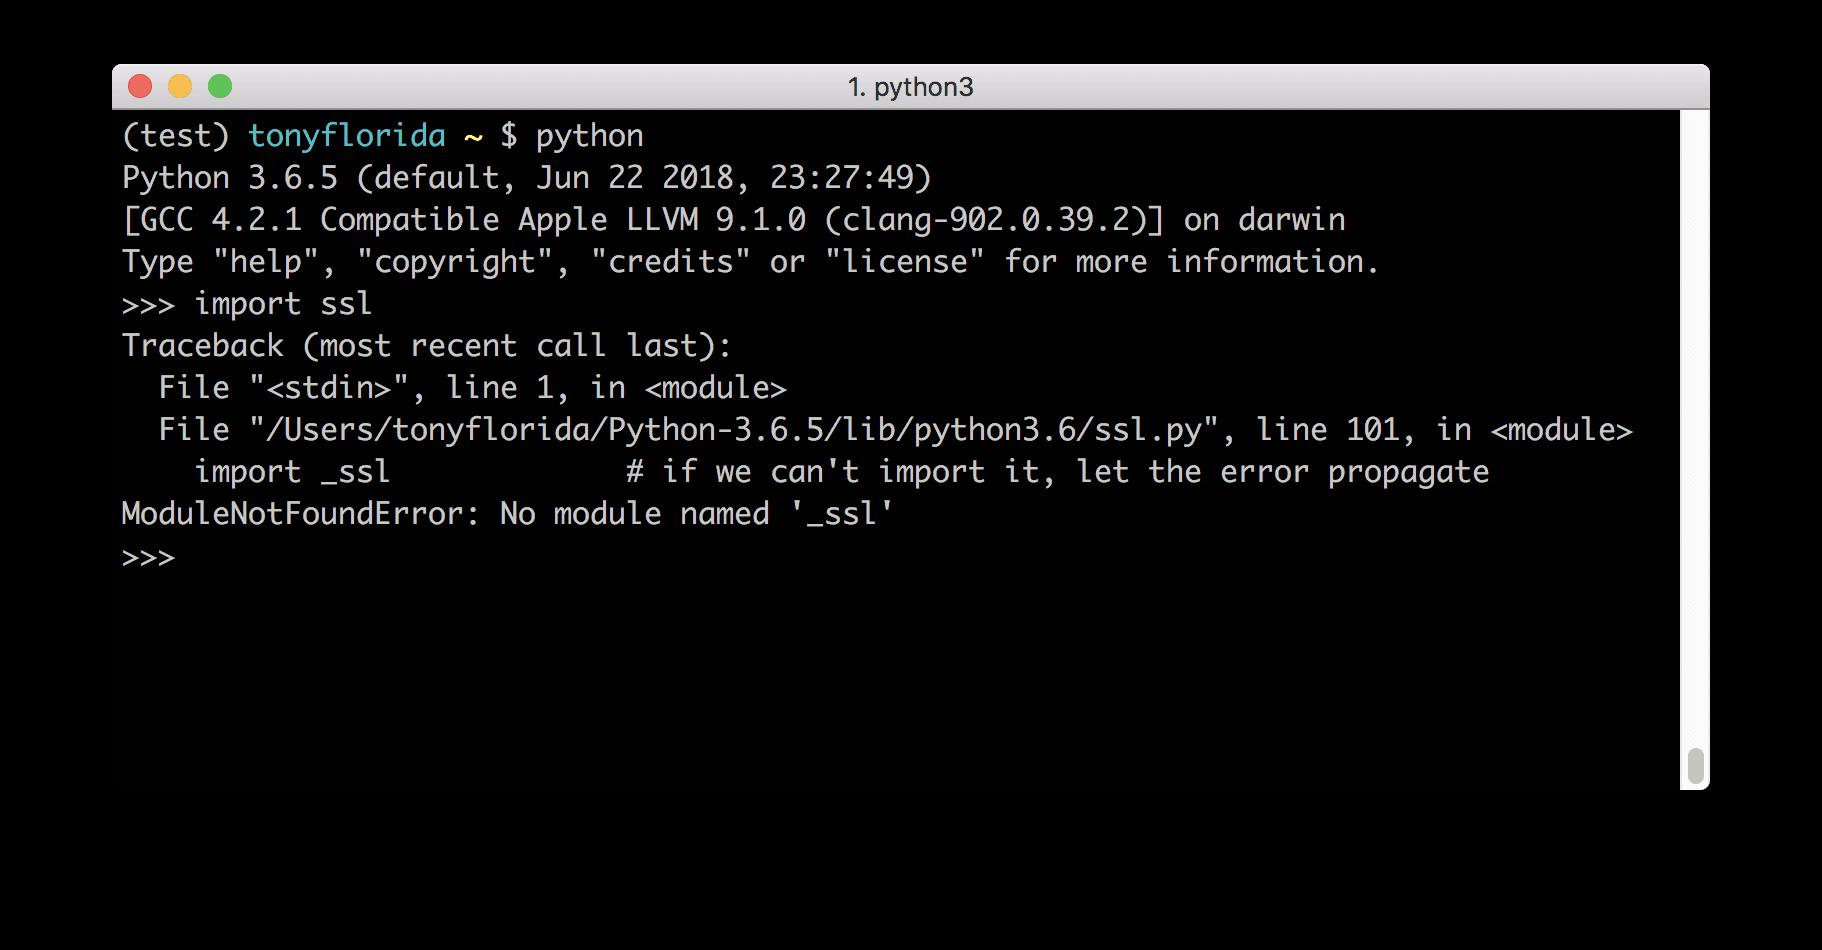 ModuleNotFoundError No module named '_ssl'